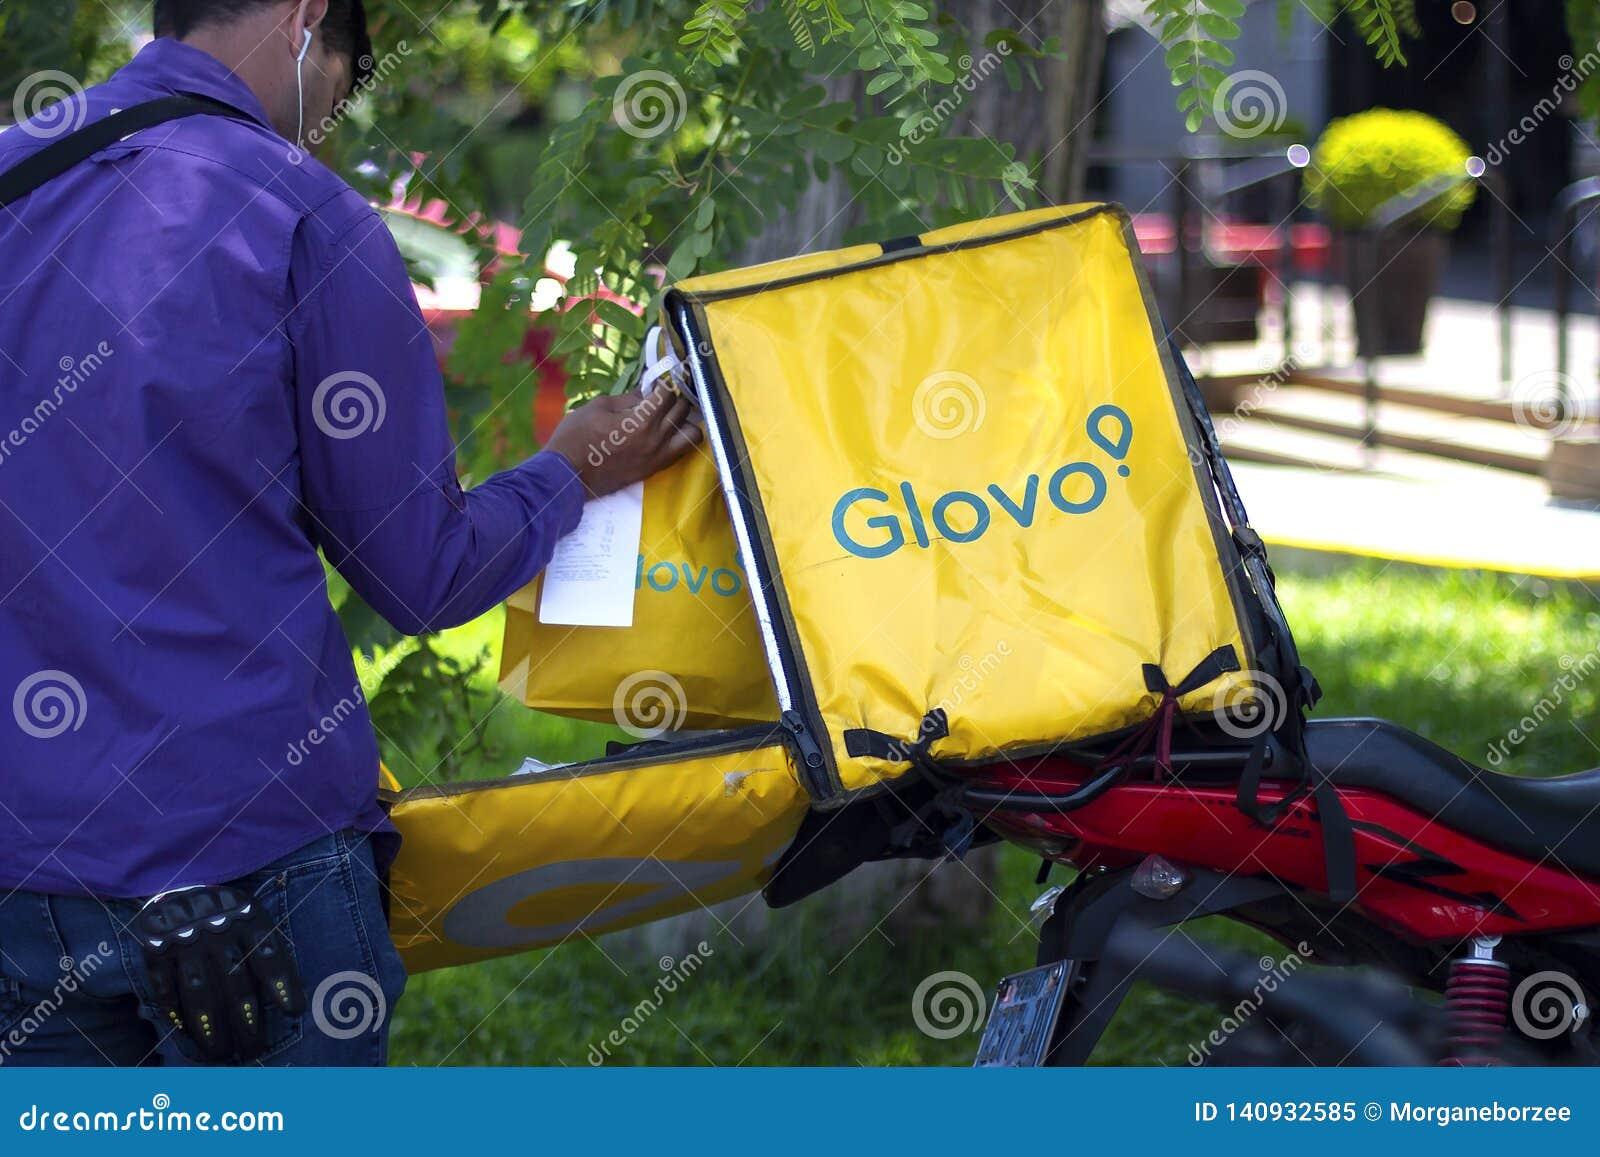 Άτομο που βάζει τις τσάντες μέσα σε ένα κιβώτιο Glovo